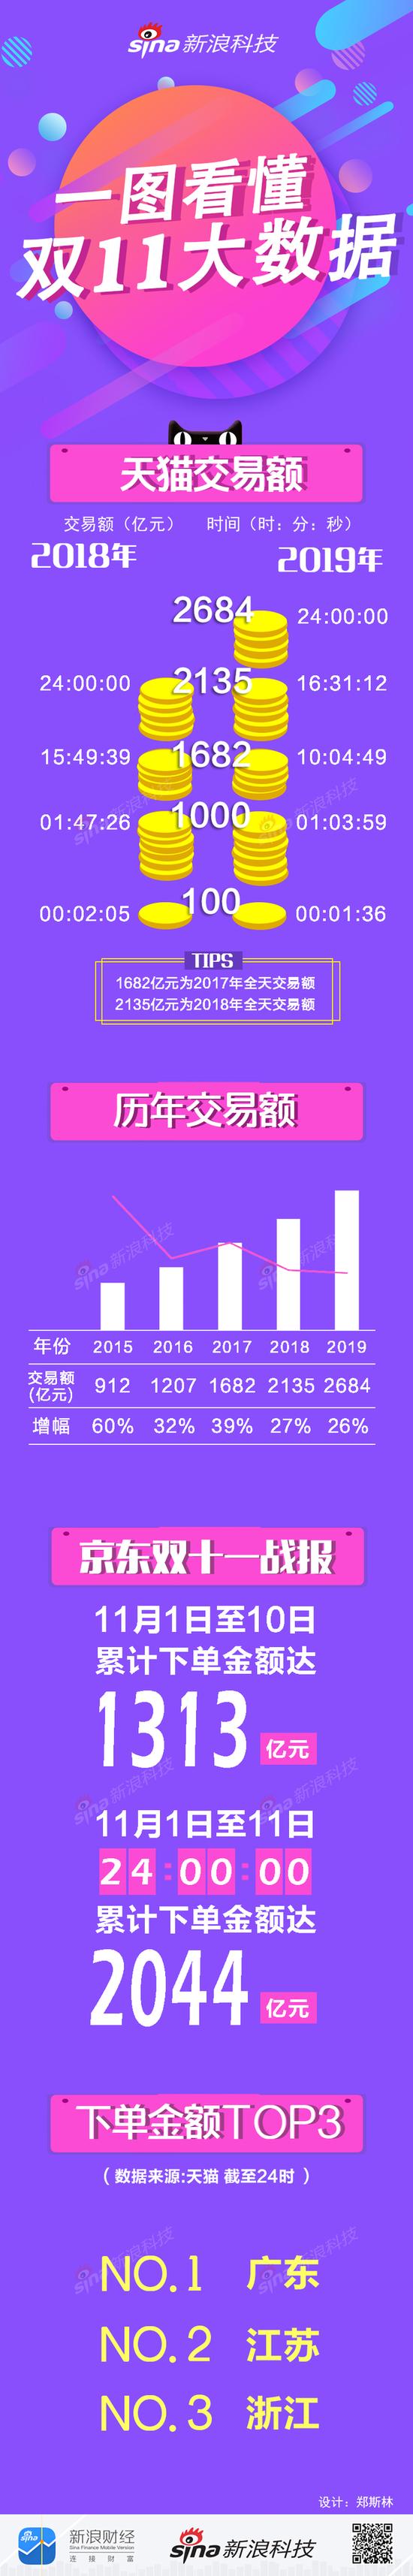 亿万先生安卓客户端 美联储年内二度降息 多项经济指标发出不确定信号